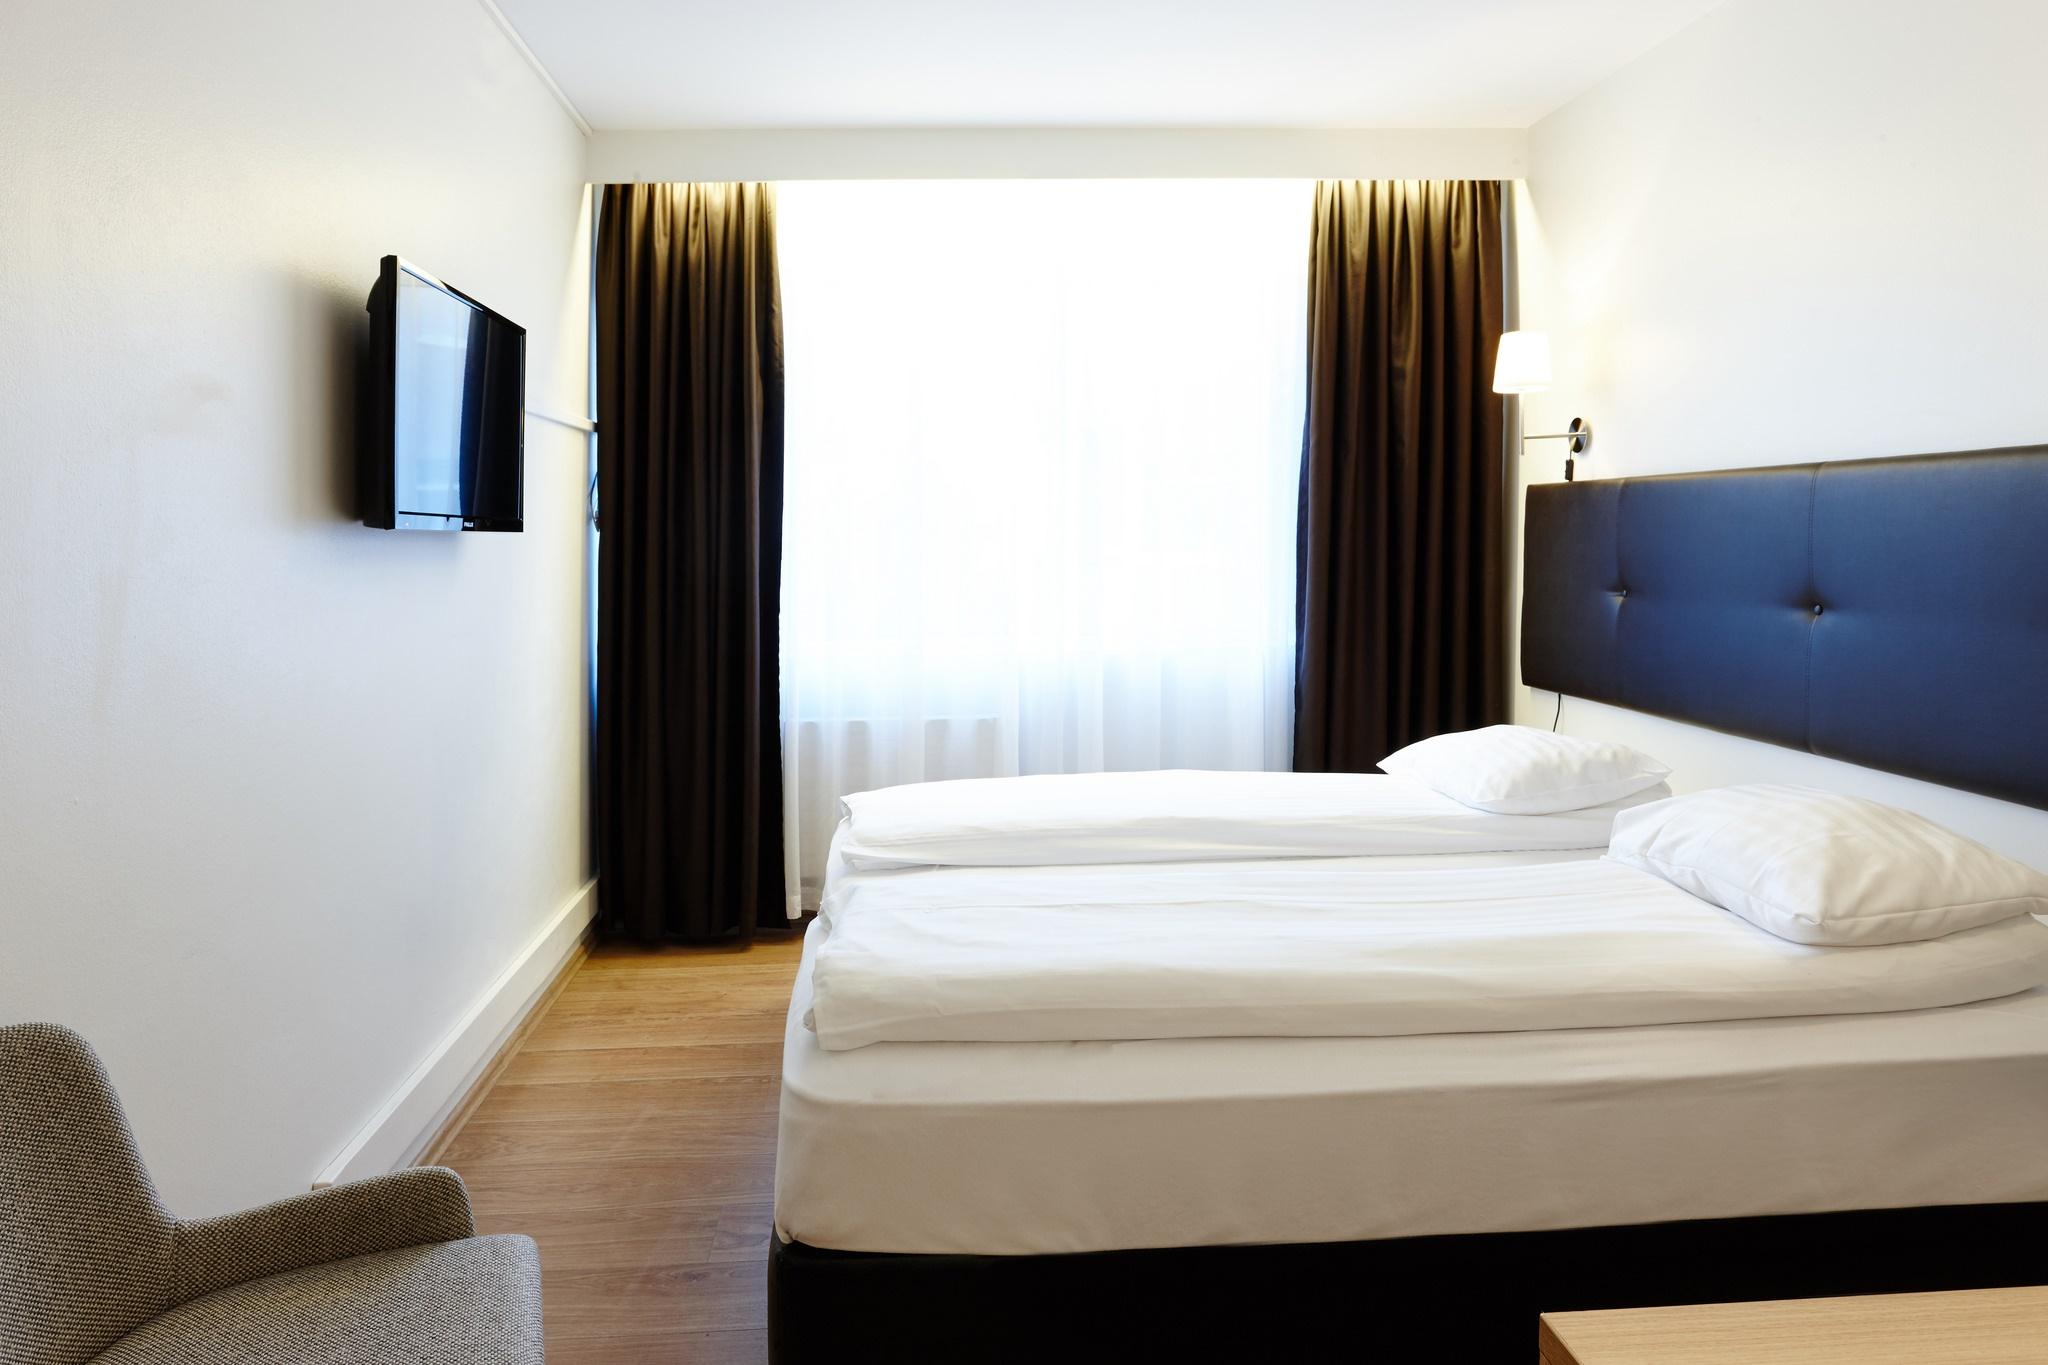 Book the Fosshotel Lind, Reykjavik - Sunway.ie